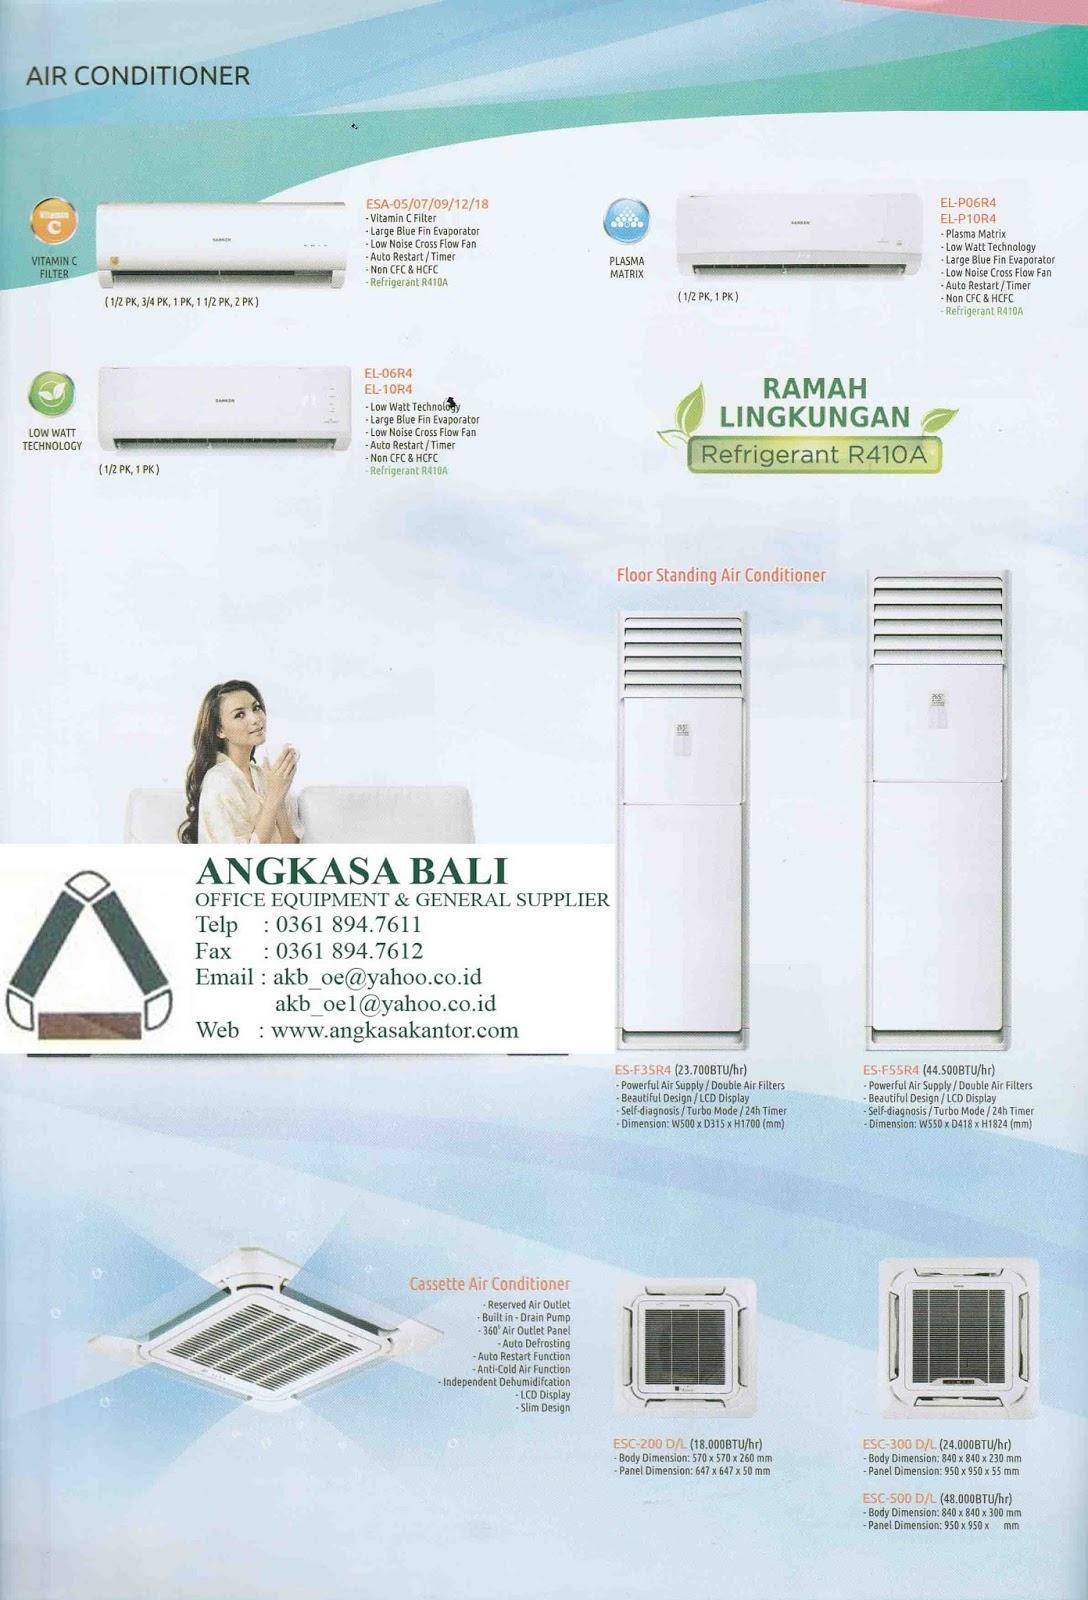 Angkasa Bali Jual Elektronik Sanken Dispenser TV AC Mesin